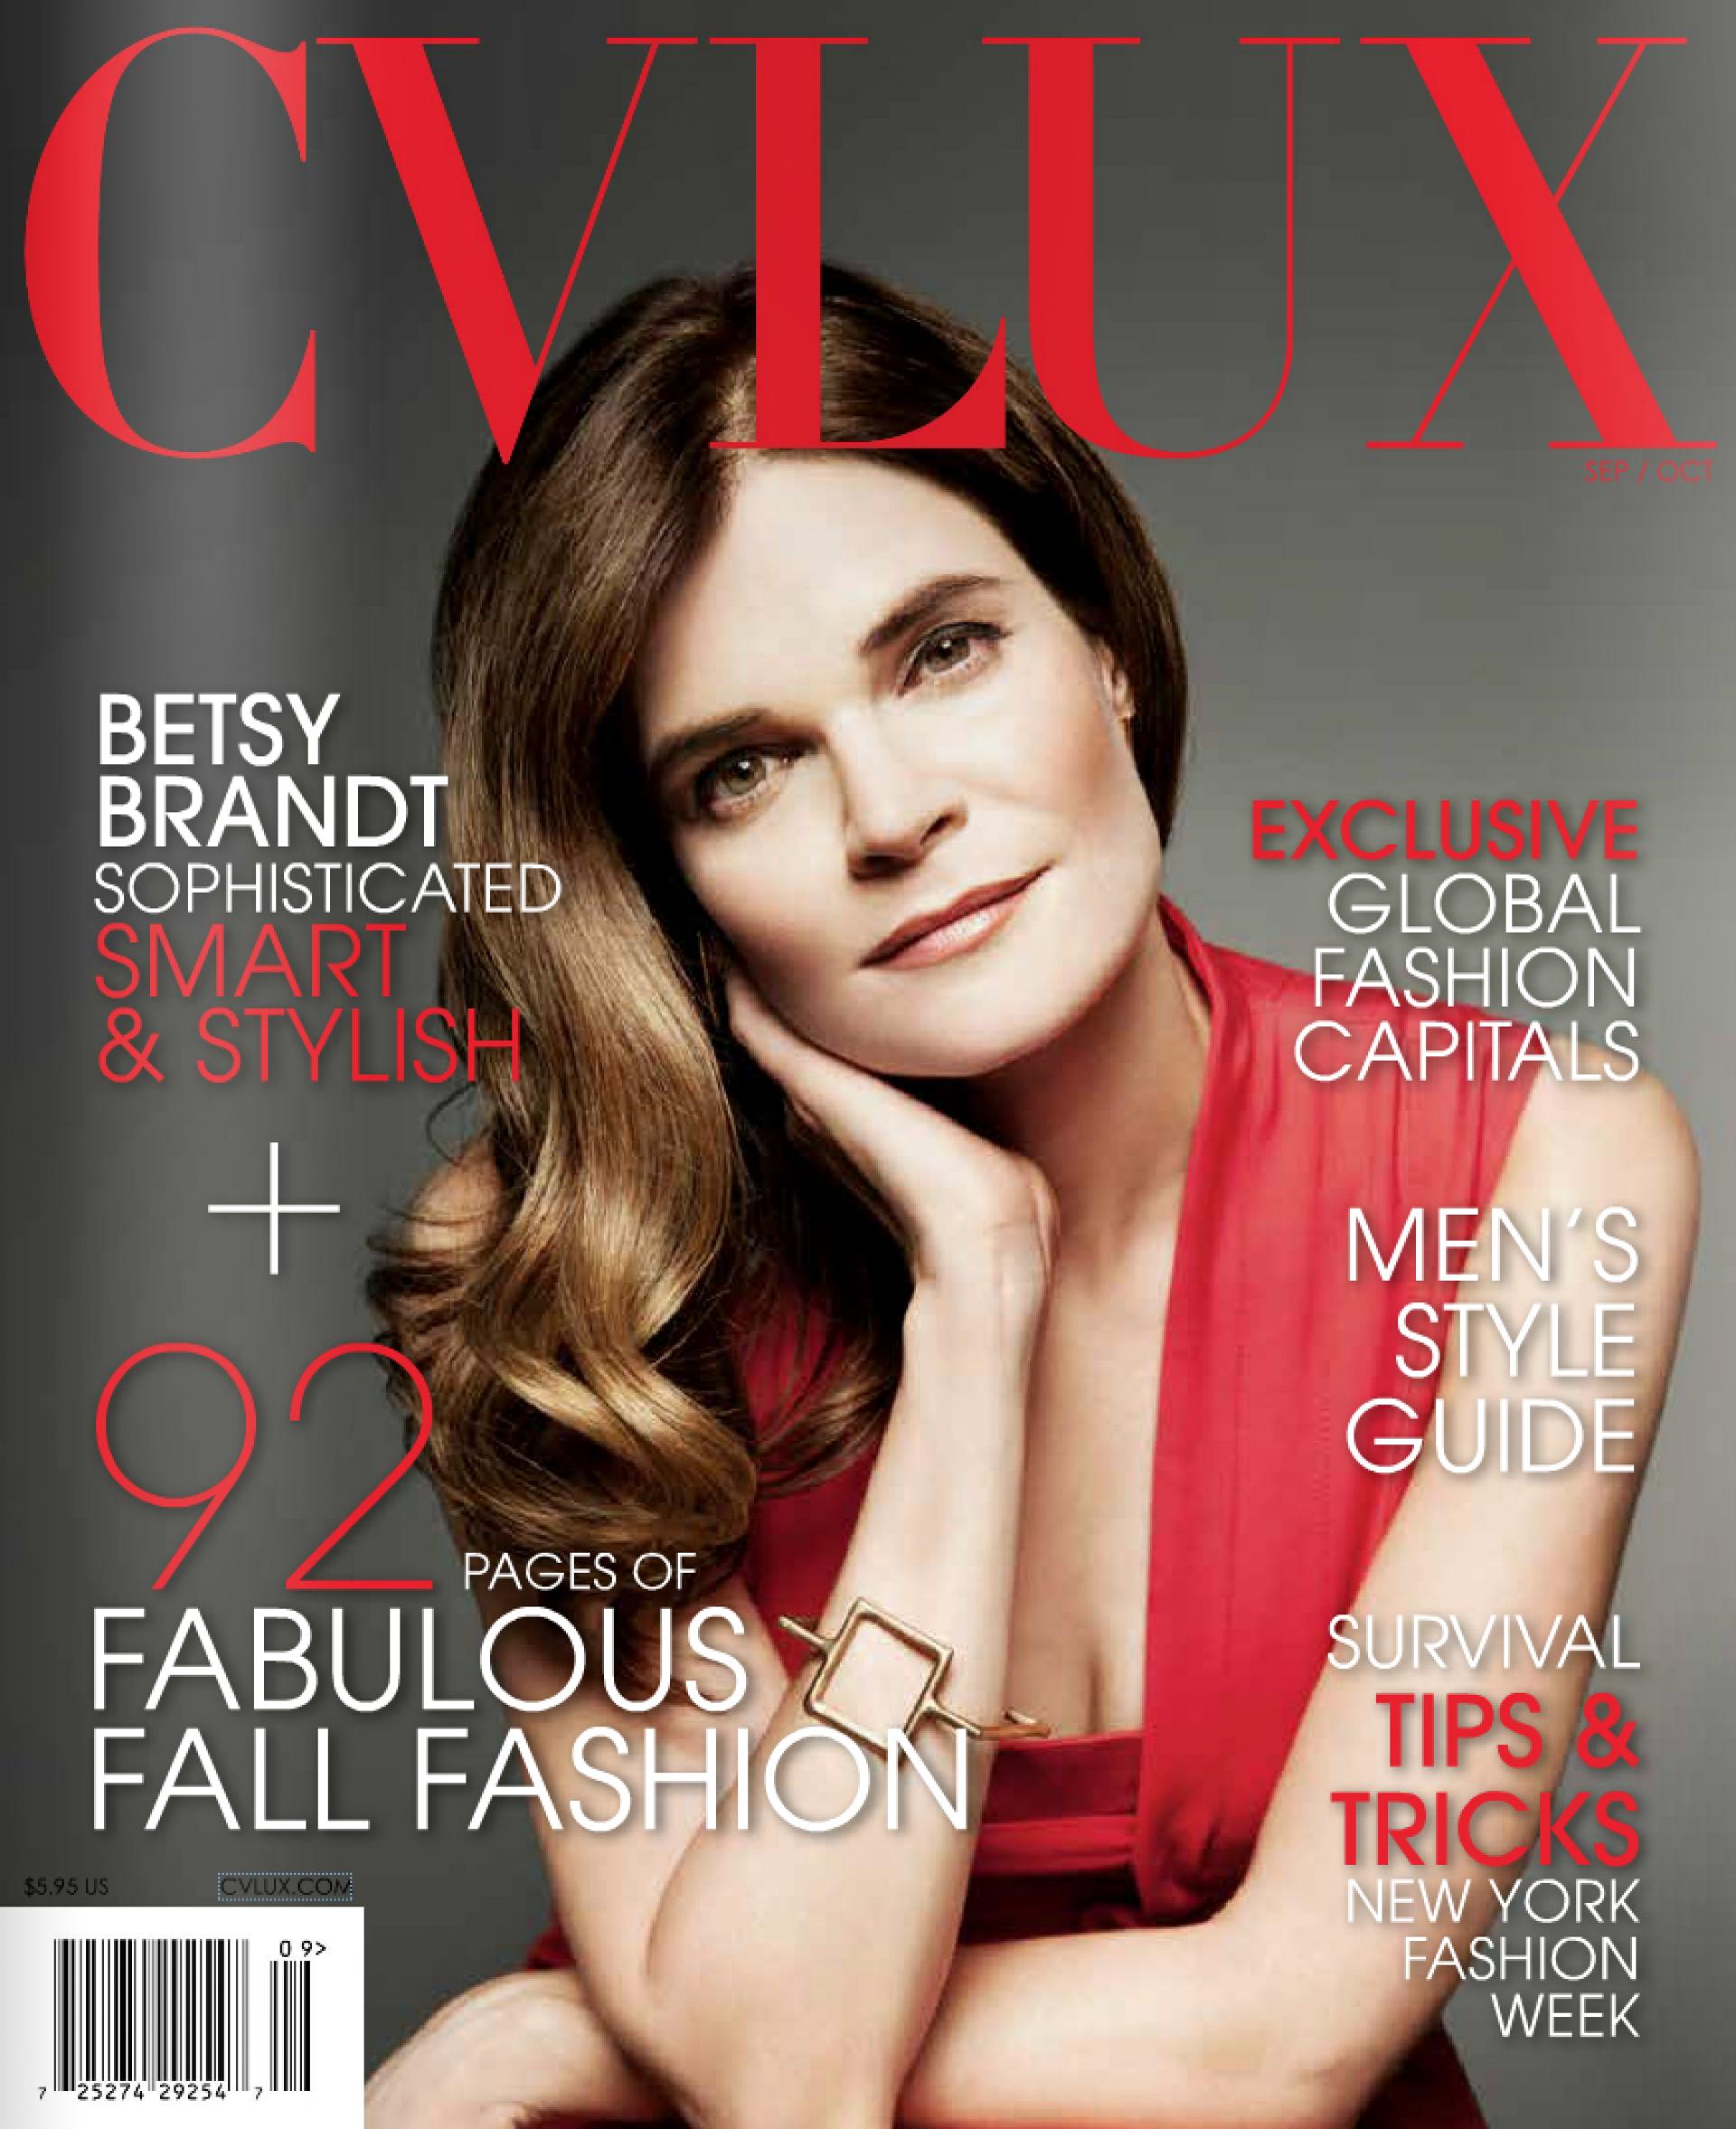 CV Luxury // September-October 2015 (Betsy Brandt Cover)